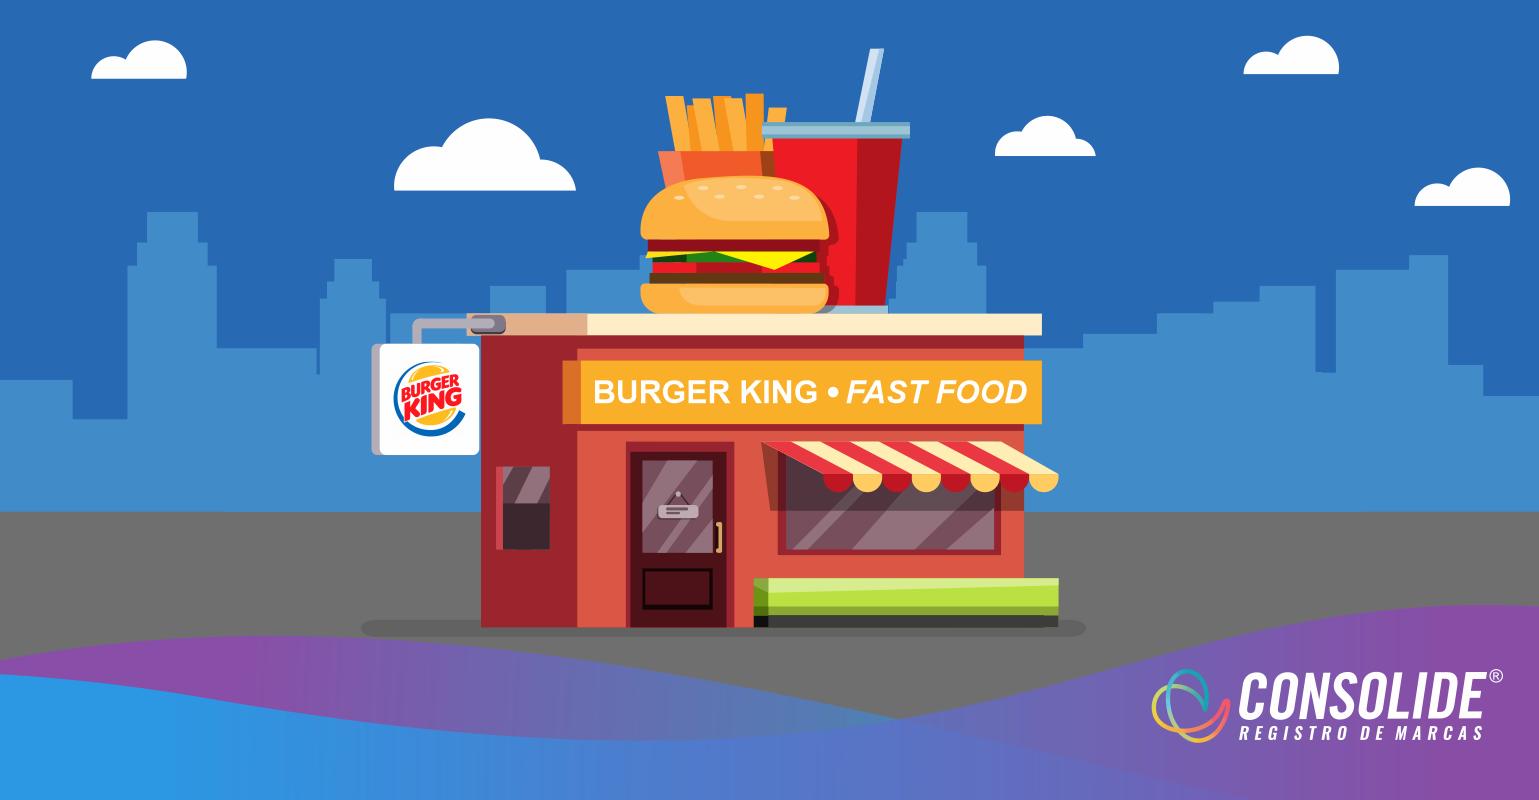 Burger King: história de uma das marcas mais conhecidas do fast food